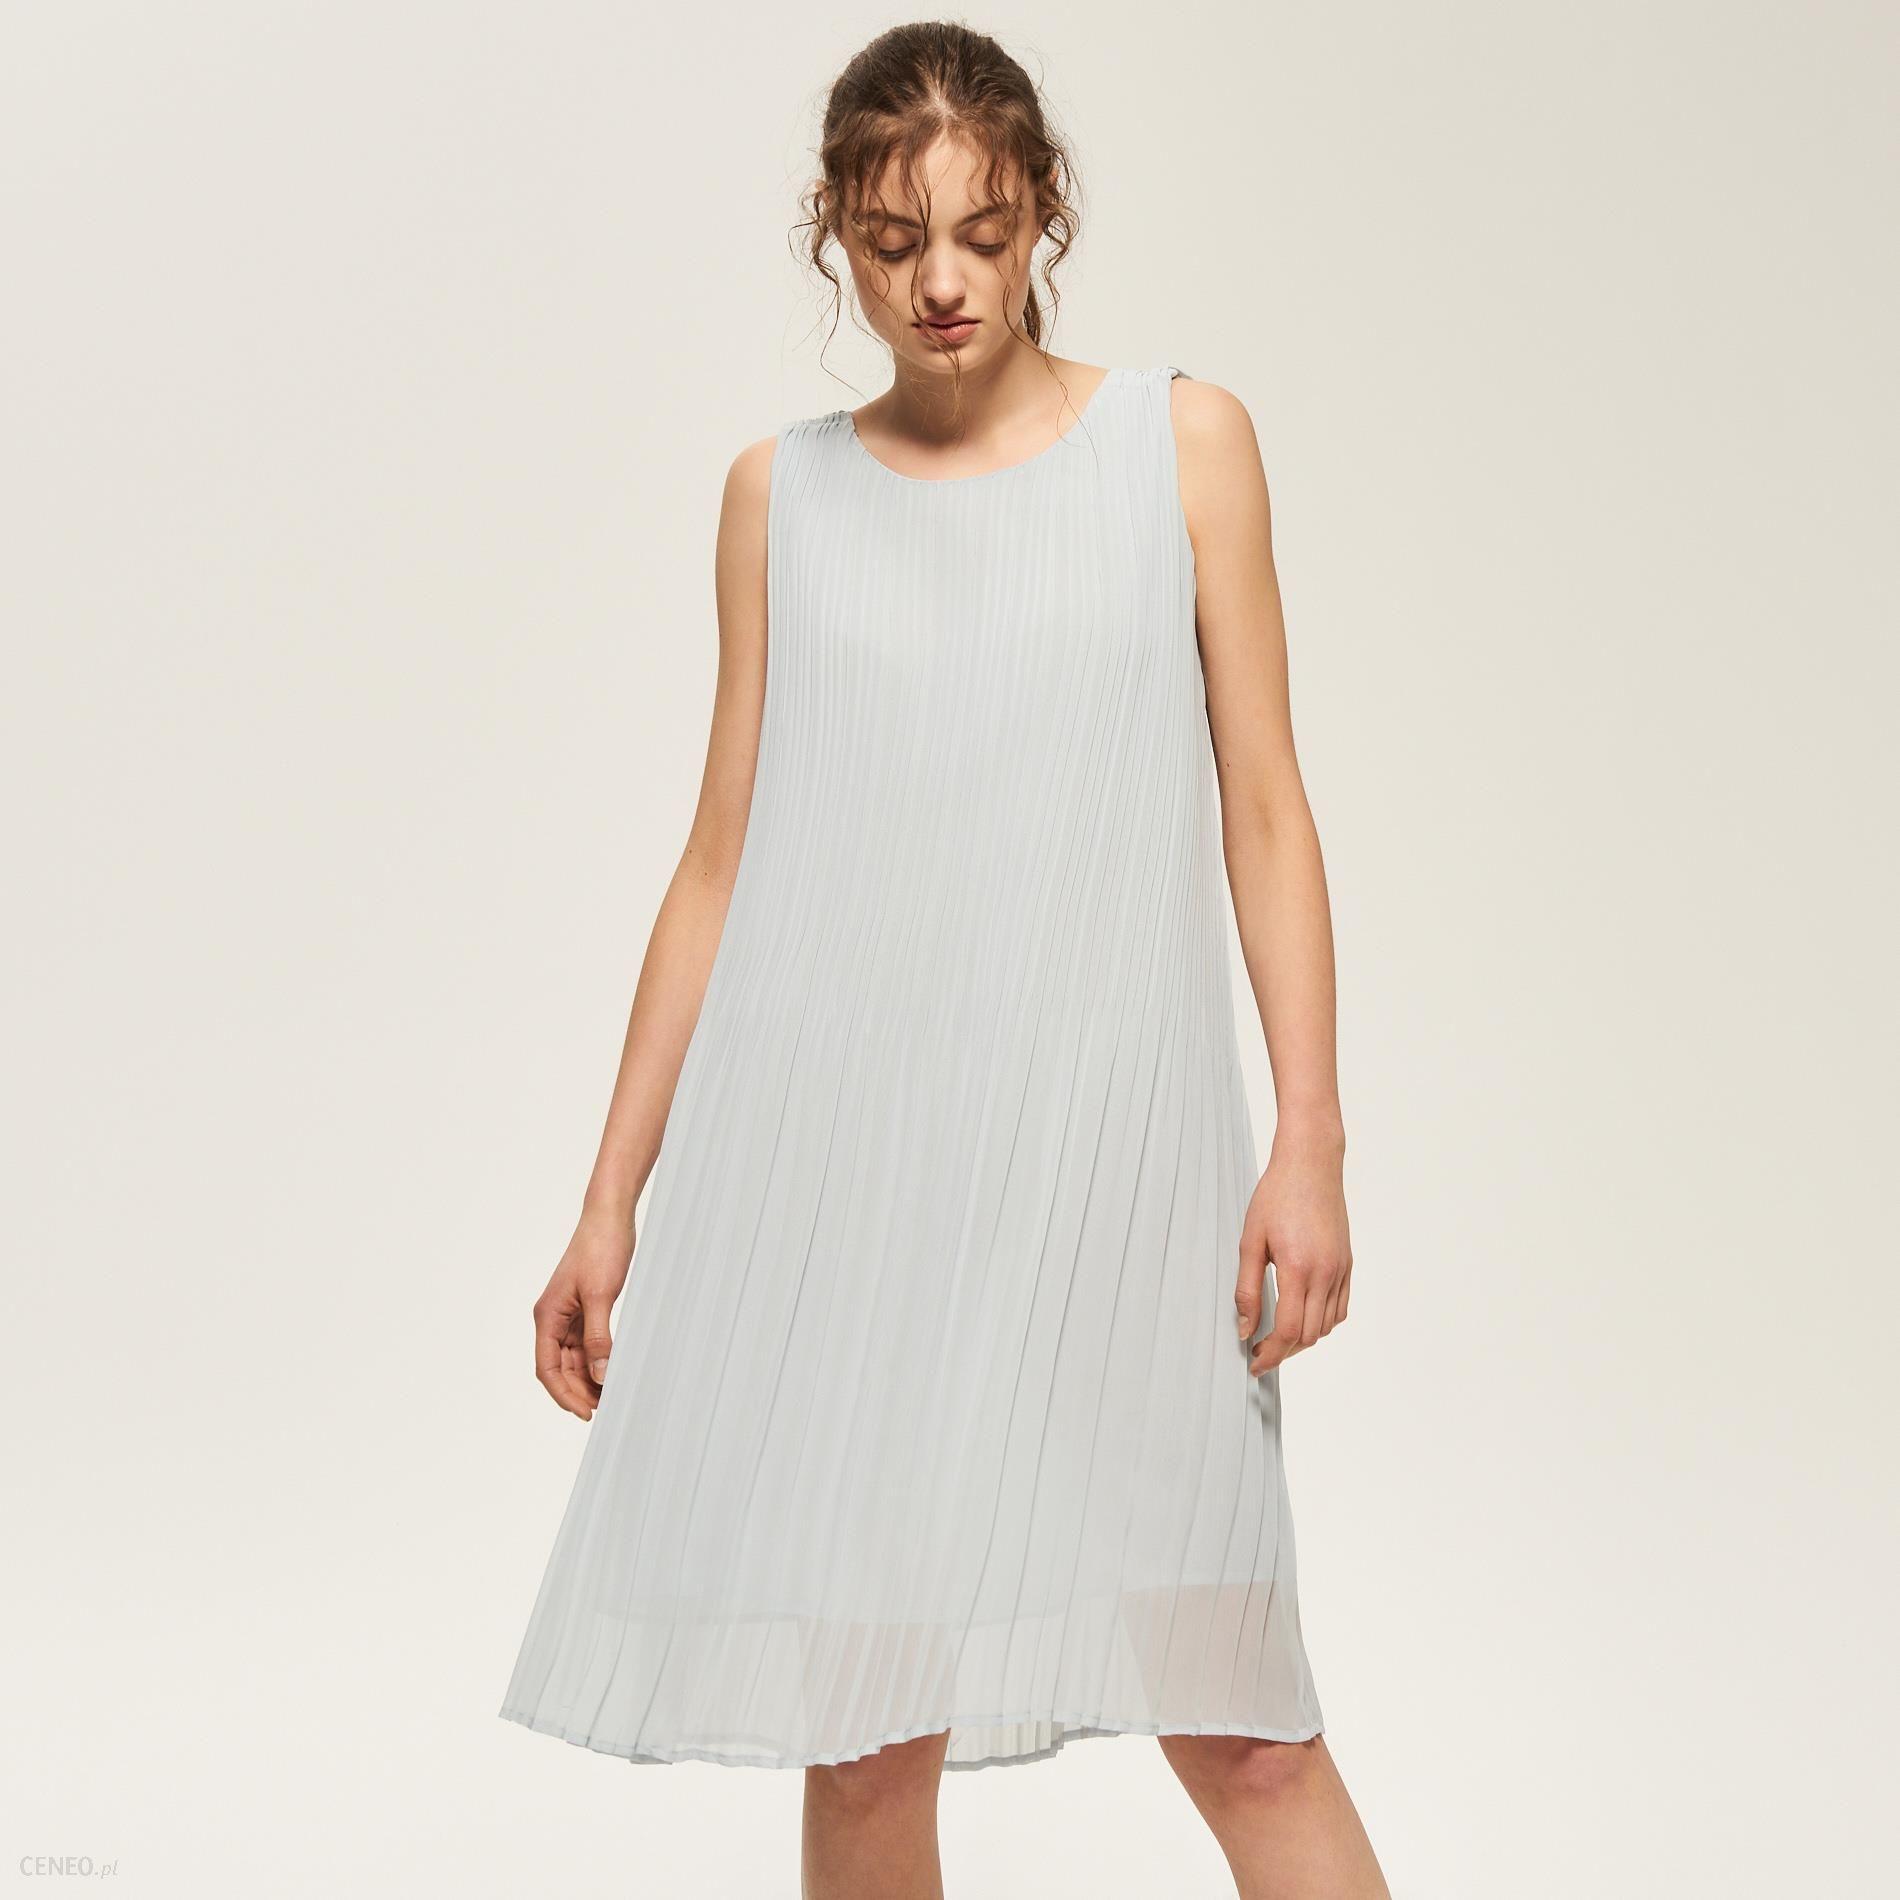 8ceeafdd73 Reserved - Plisowana sukienka - Szary - damski - Ceny i opinie ...